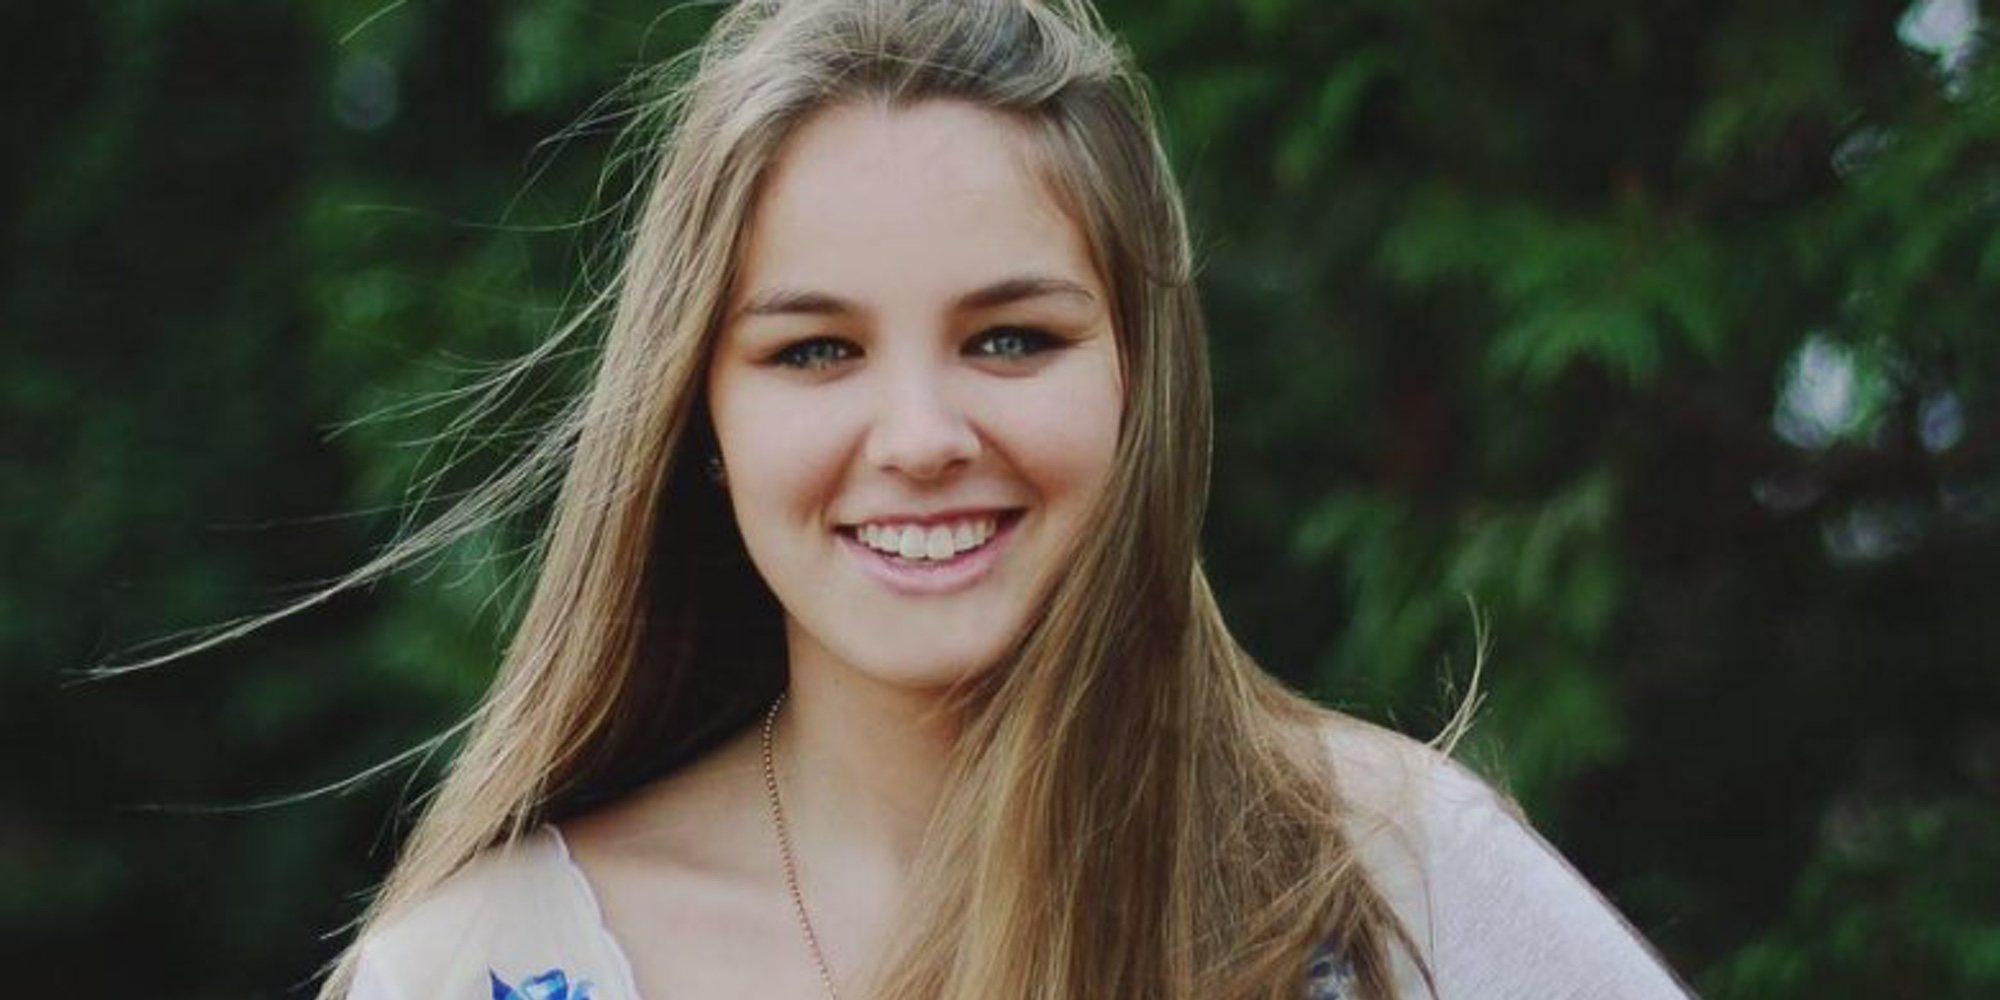 Muere Saoirse Kennedy Hill, nieta de Robert F. Kennedy, a los 22 años por una posible sobredosis